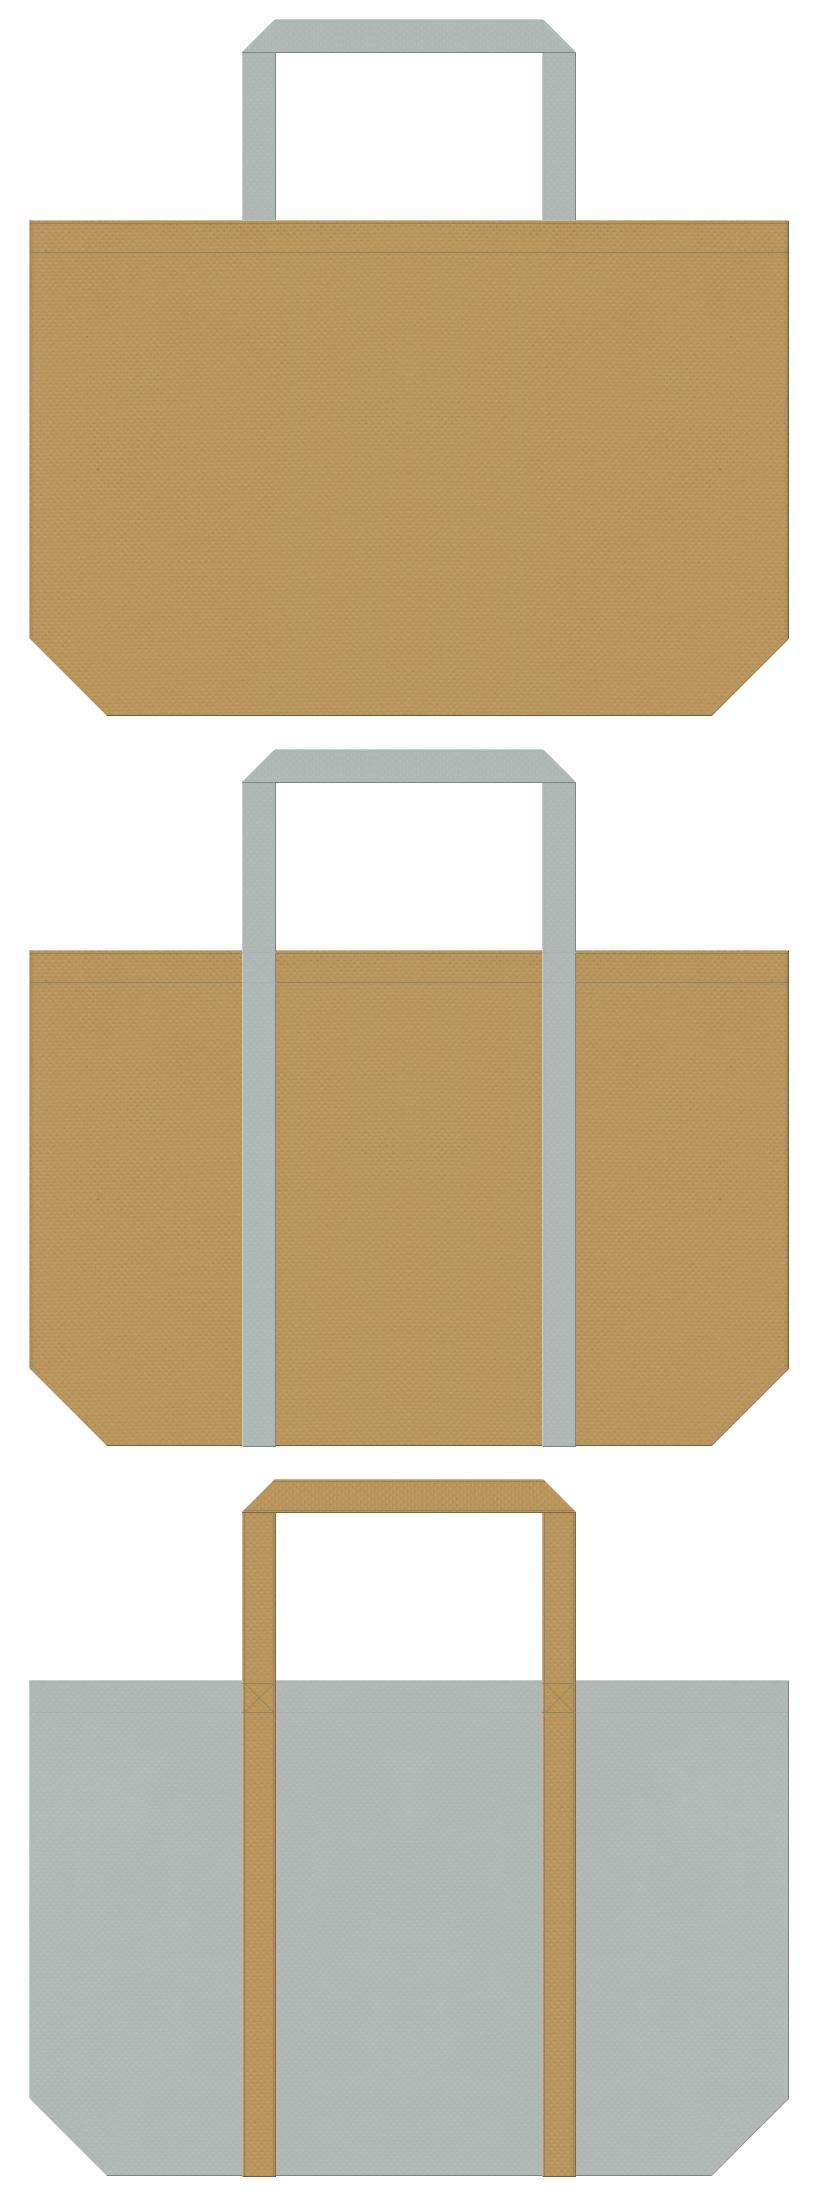 アウター・ニット・セーター・アウトレットのショッピングバッグにお奨めの不織布バッグデザイン:金黄土色とグレー色のコーデ